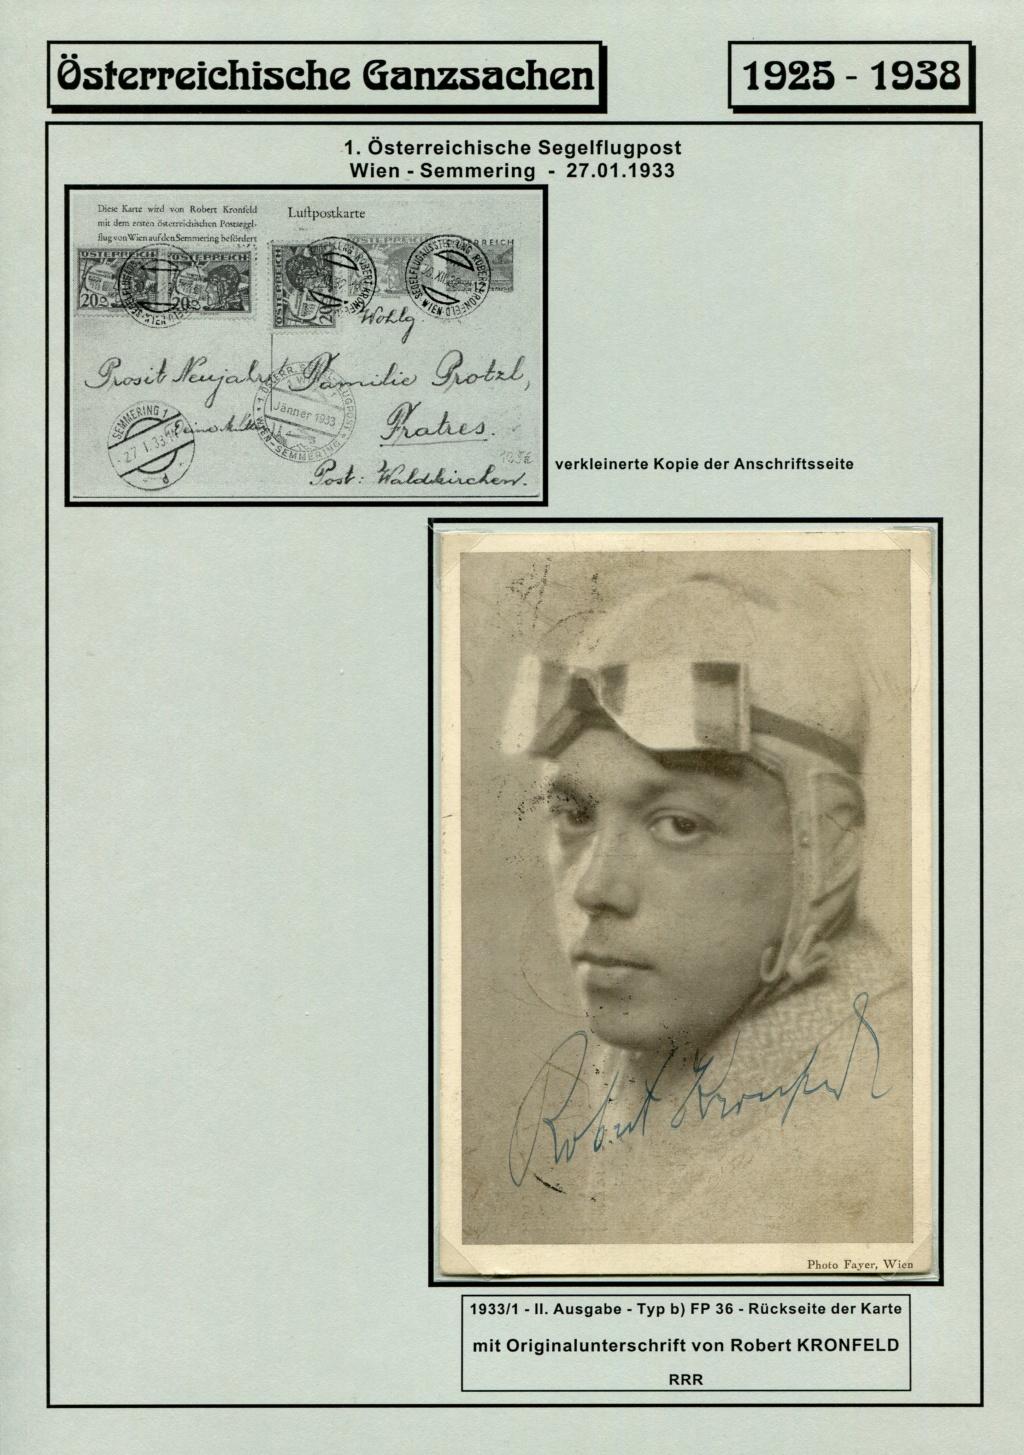 Ganzsachen - Segelflug Robert Kronfeld 1933 Kr_00017